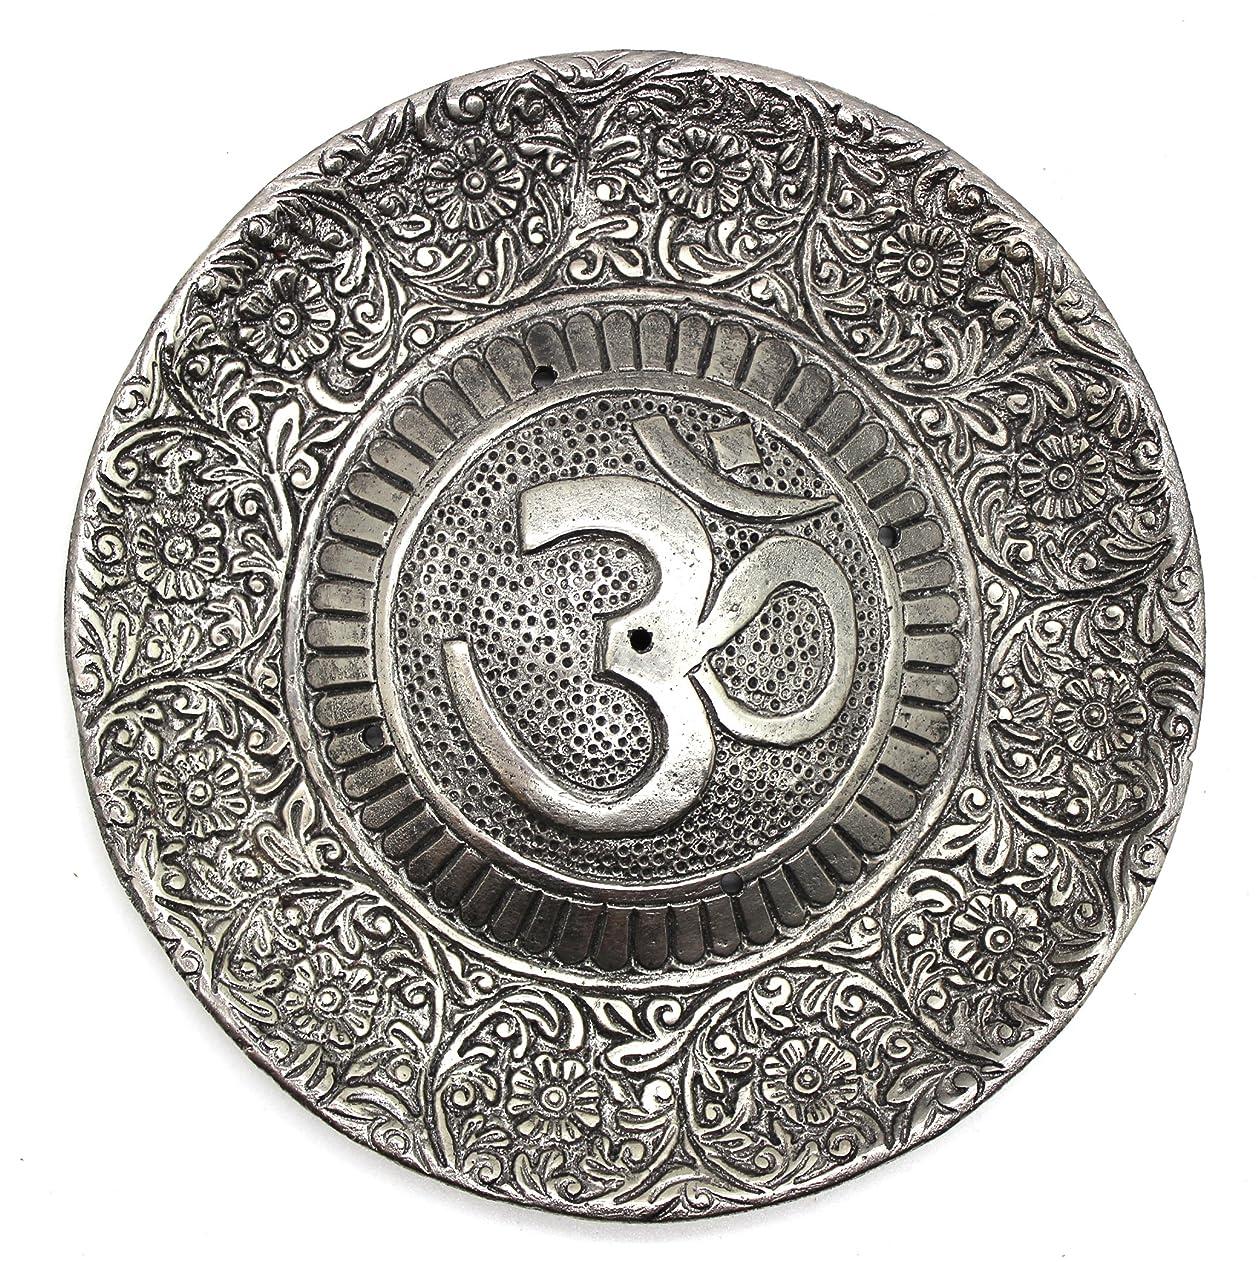 マウントテストバケットGovinda - Tibetan Incense Burner - Larger OM Symbol - 11cm Diameter